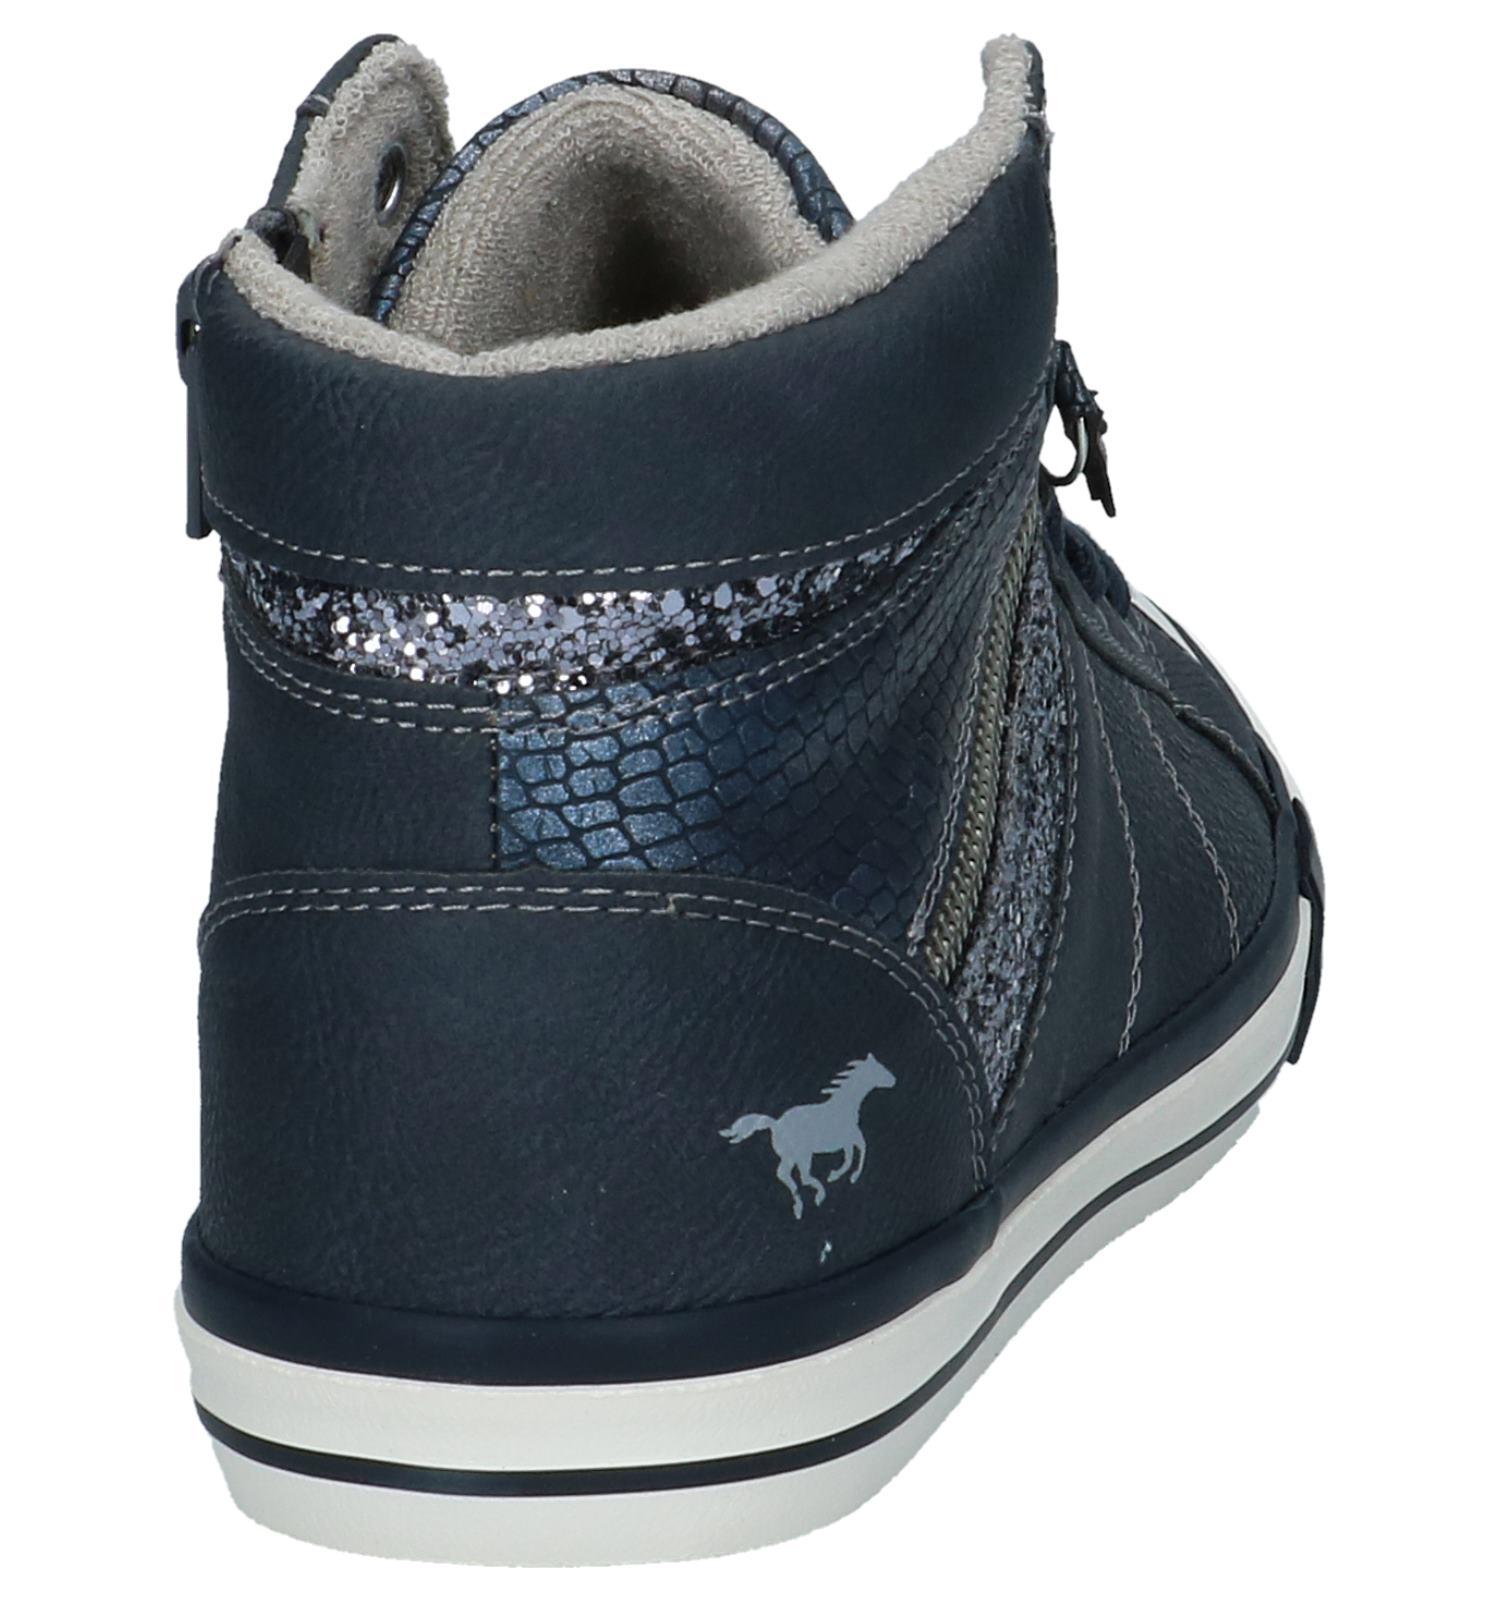 Hoge Geklede Donkerblauwe Sneakers Mustang Ybg6yf7v